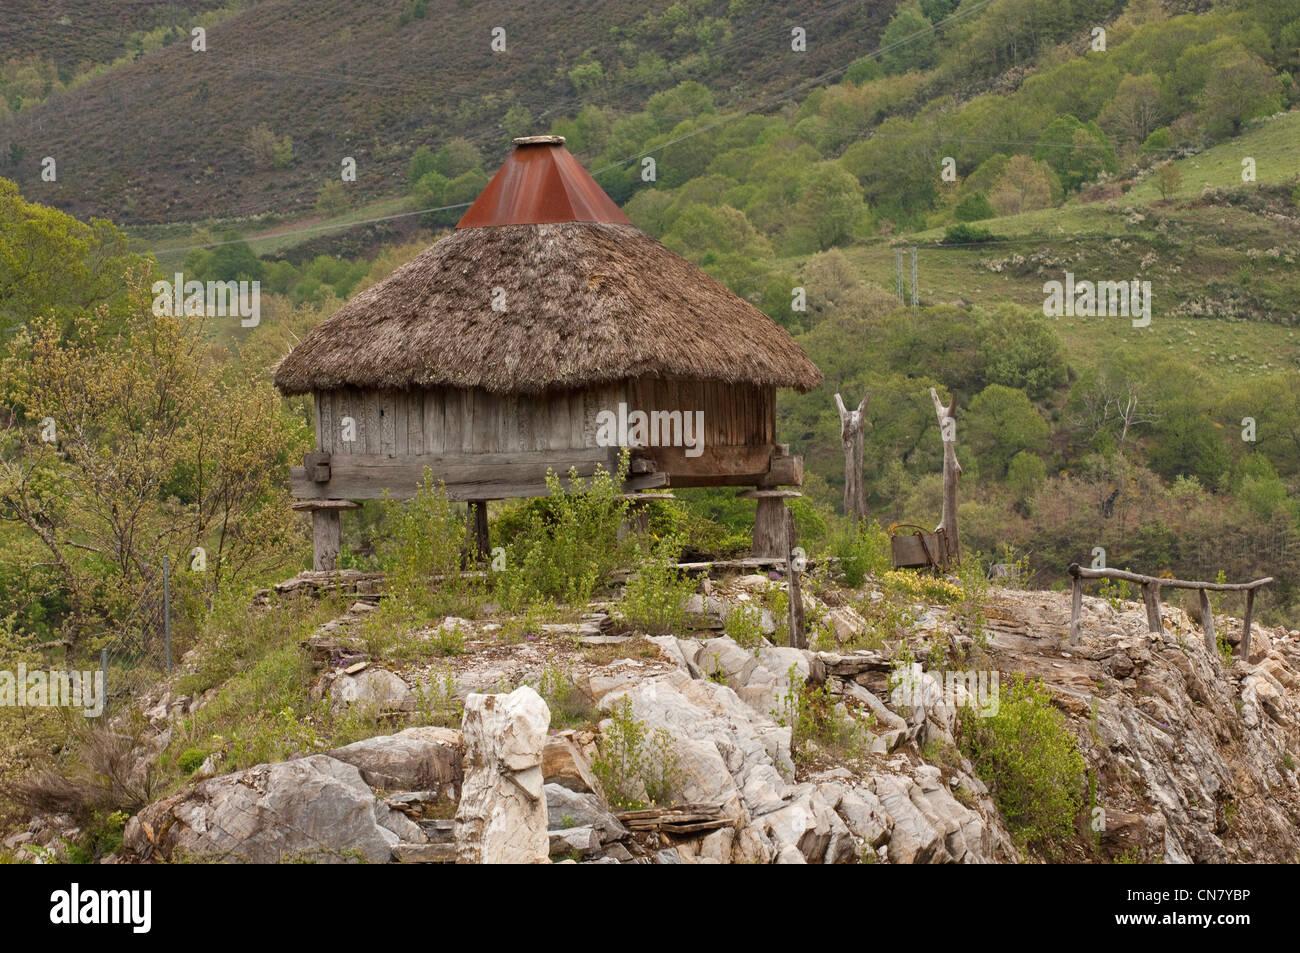 España, Galicia, O Cebreiro, pueblo de casas con techo de paja tradicional, o 'pallozas' Imagen De Stock